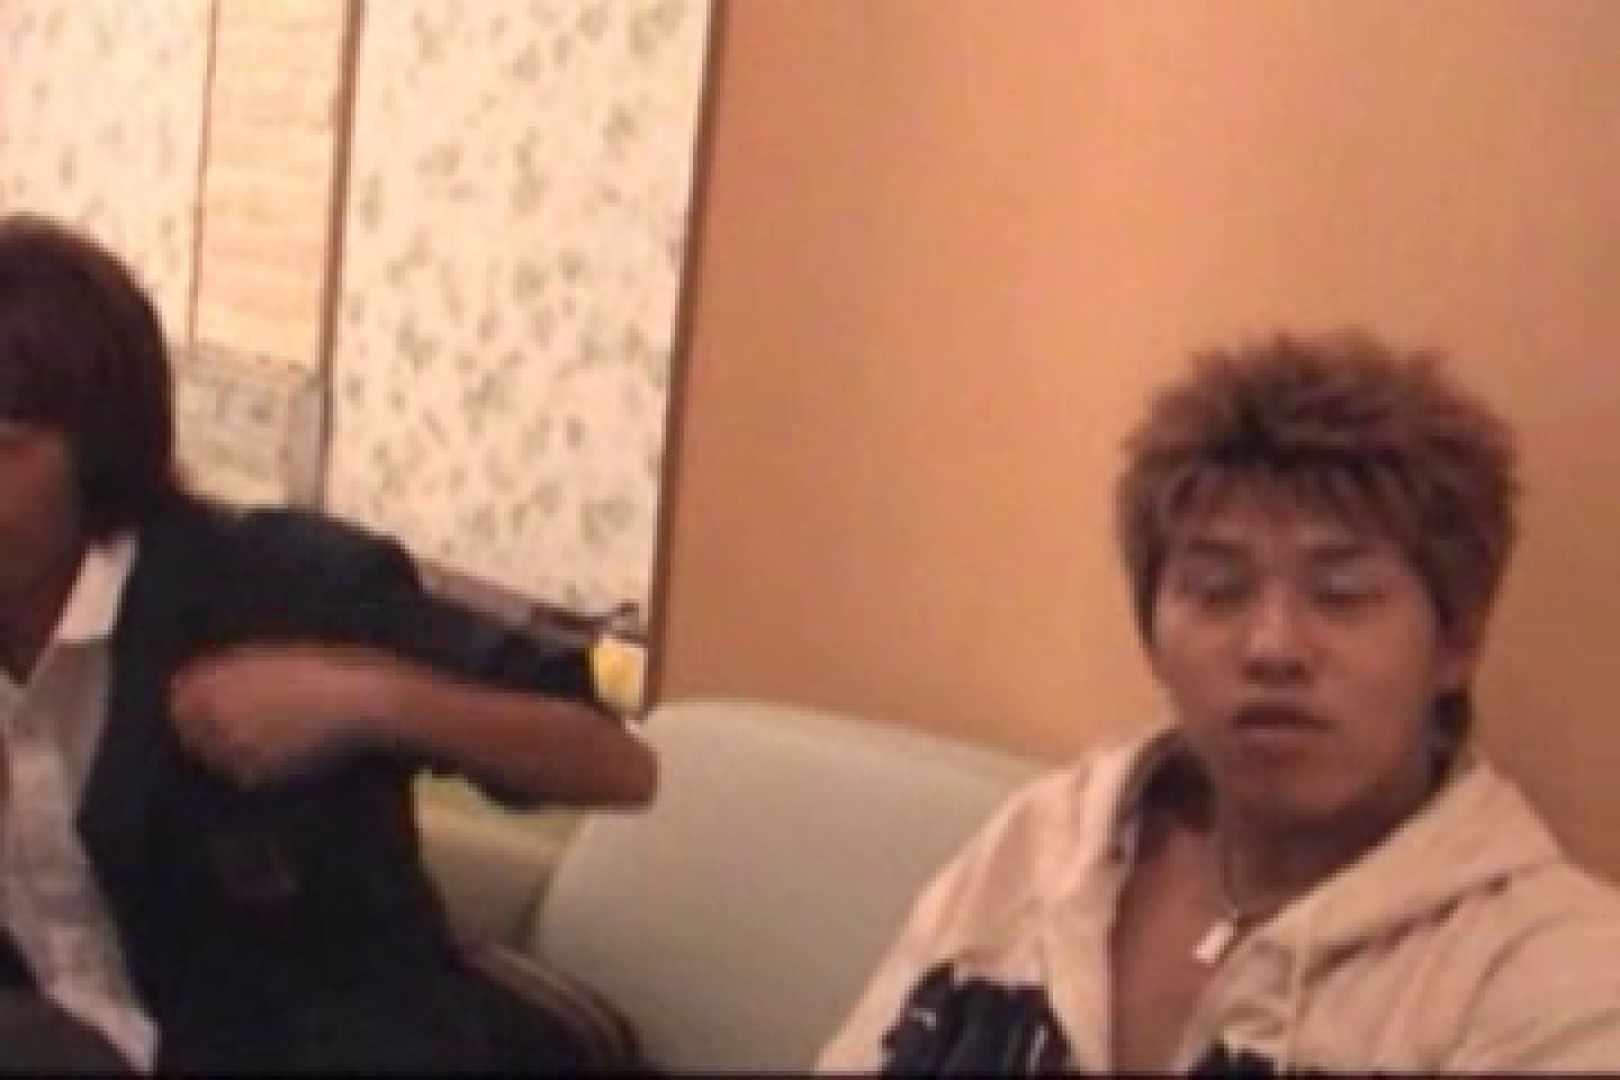 【流出】ジャニ系イケメン!!フライング&アナルが痛くて出来ません!! 茶髪 亀頭もろ画像 72枚 39